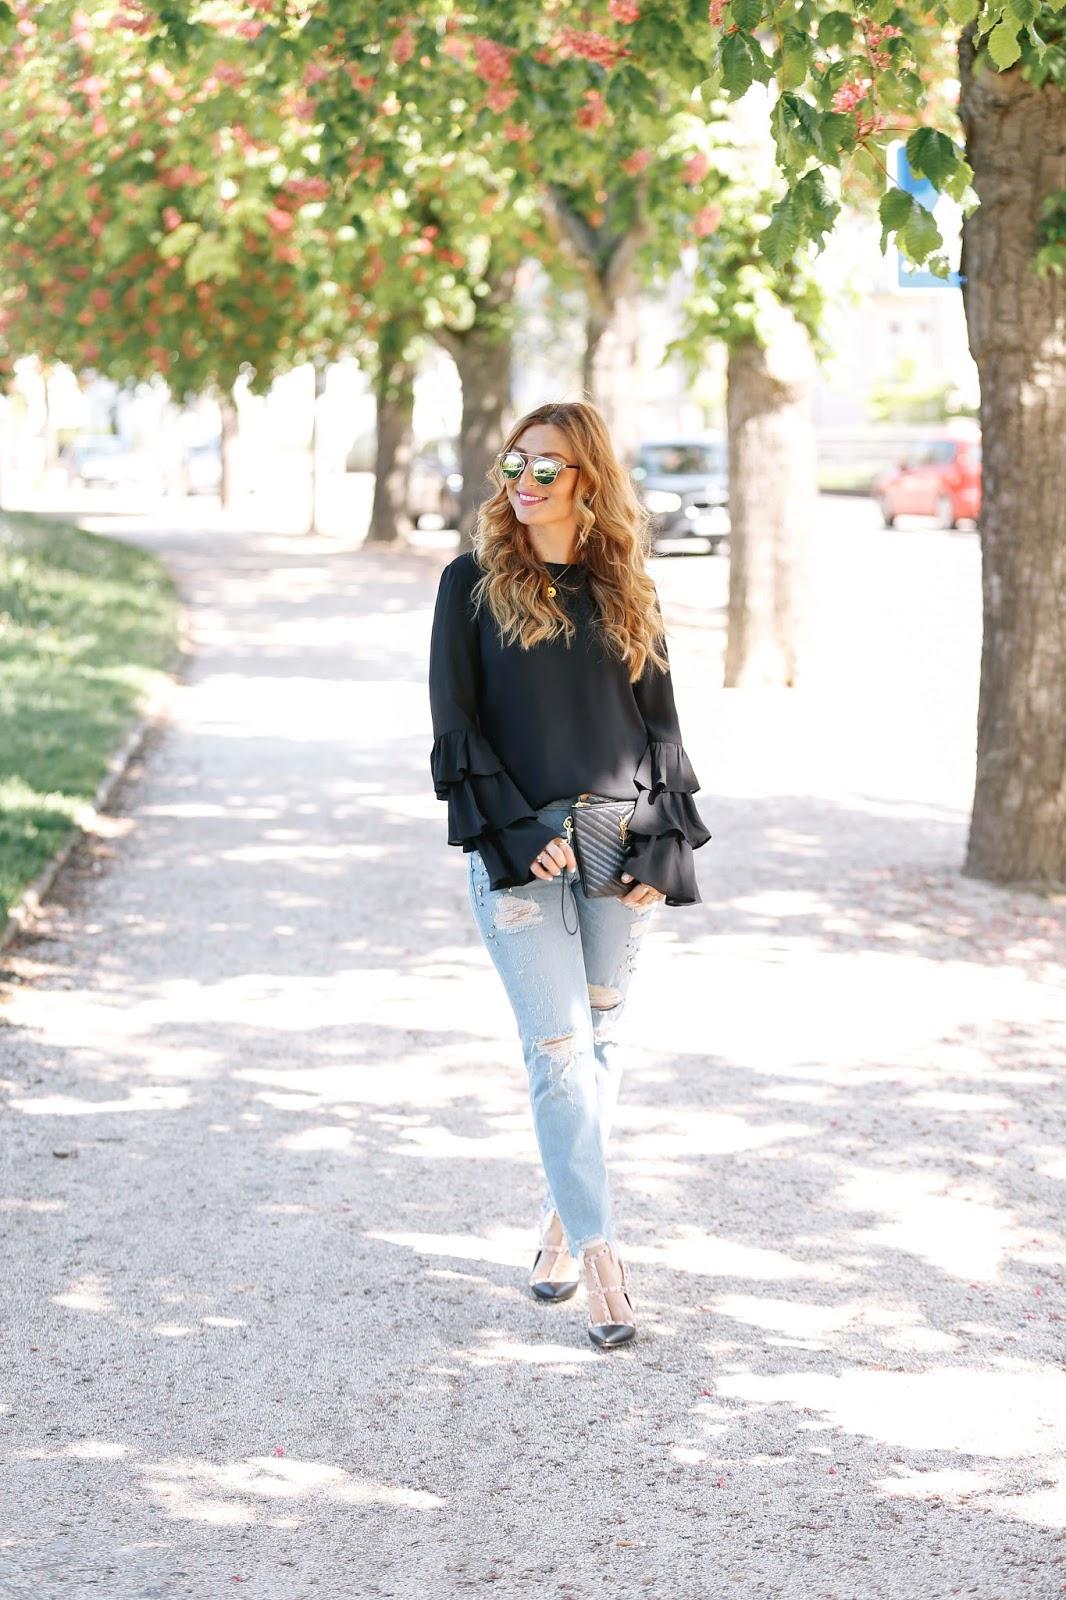 volant Bluse-blogger-us-deutschland-deutsche-fashionblogger-valentino-lookalike-ivyrevel-bluse-fashionstylebyjohanna-jeans-mit-perlen